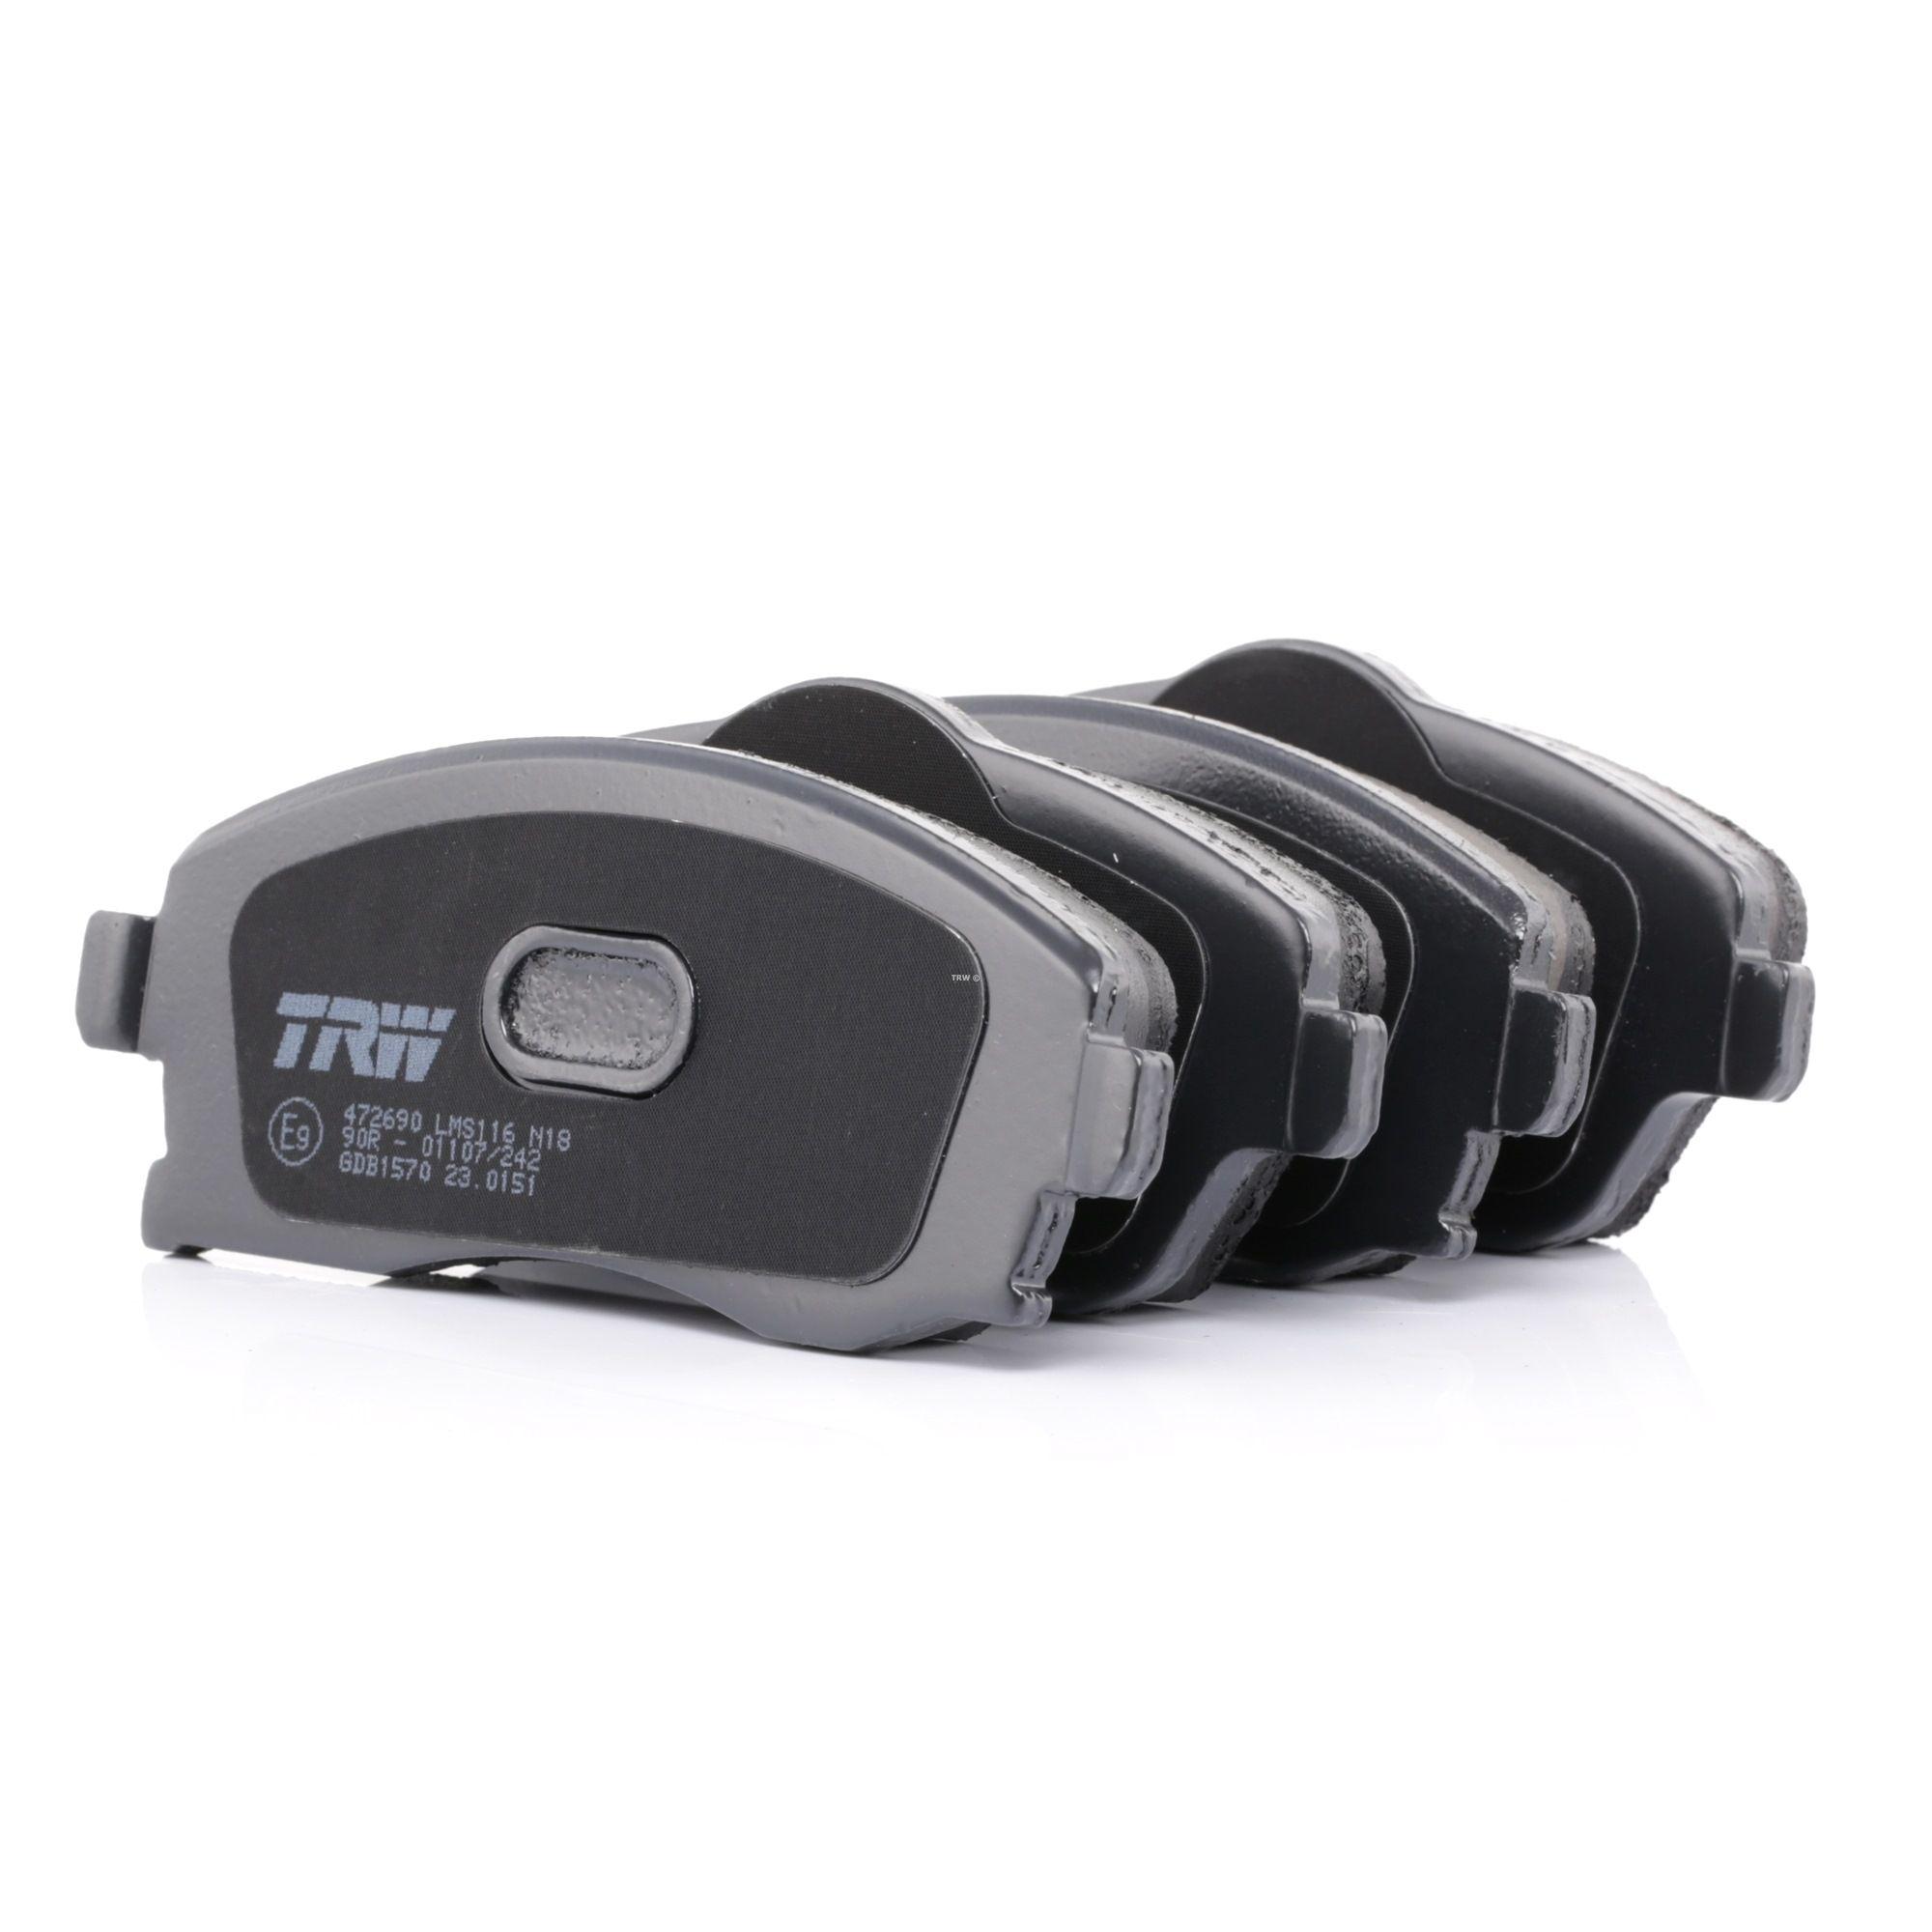 23226 TRW COTEC mit akustischer Verschleißwarnung, mit Bremssattelschrauben, mit Zubehör Höhe 1: 52,8mm, Höhe 2: 55,5mm, Dicke/Stärke: 16,8mm Bremsbelagsatz, Scheibenbremse GDB1570 günstig kaufen